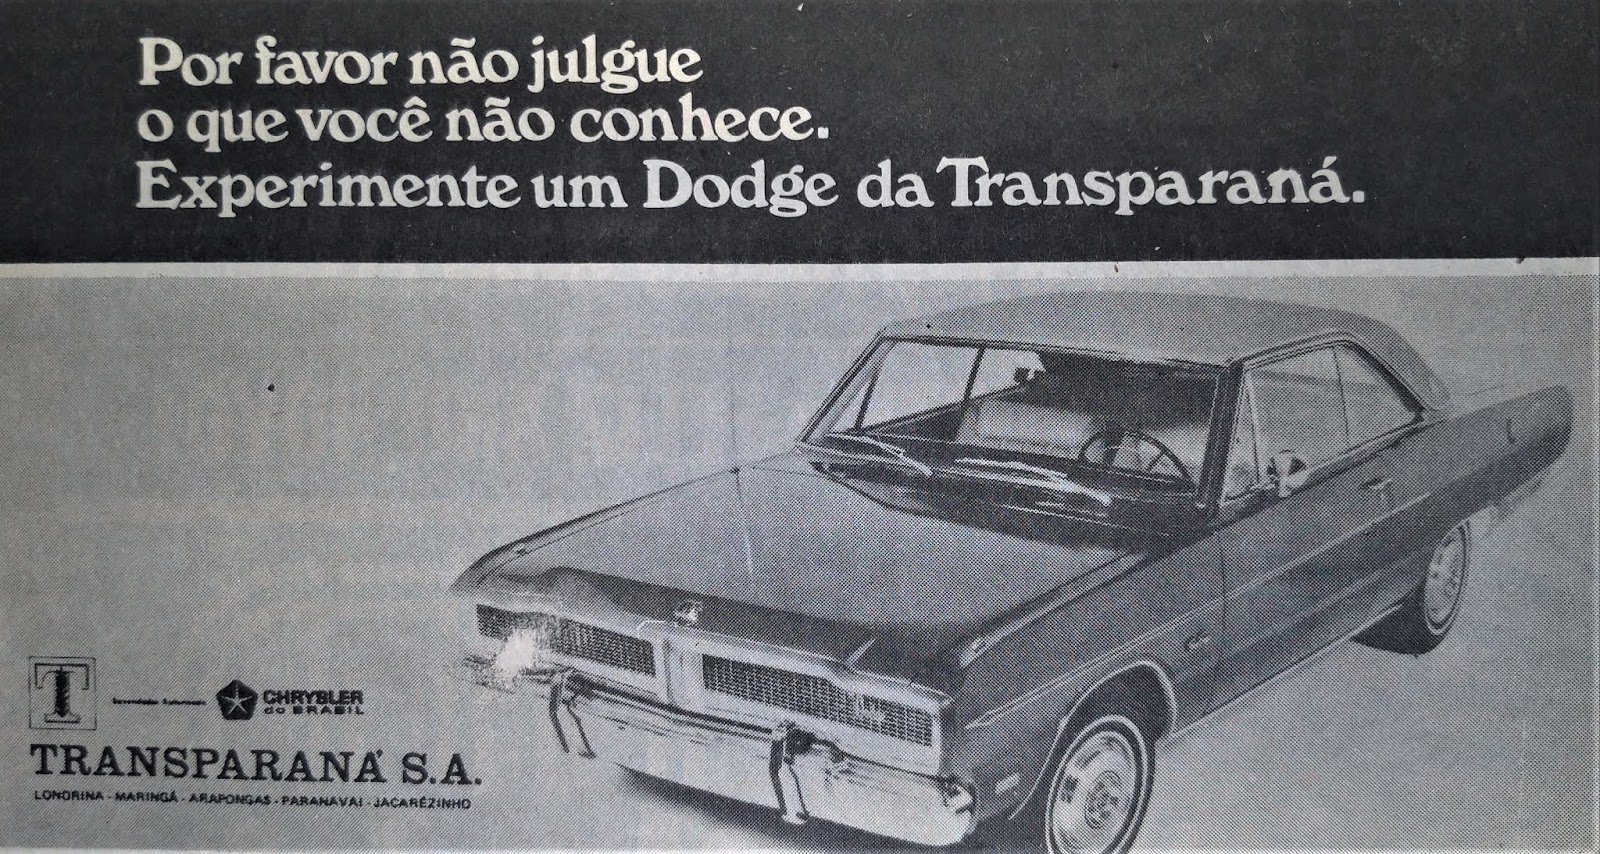 Dodge da Transparaná - 1975